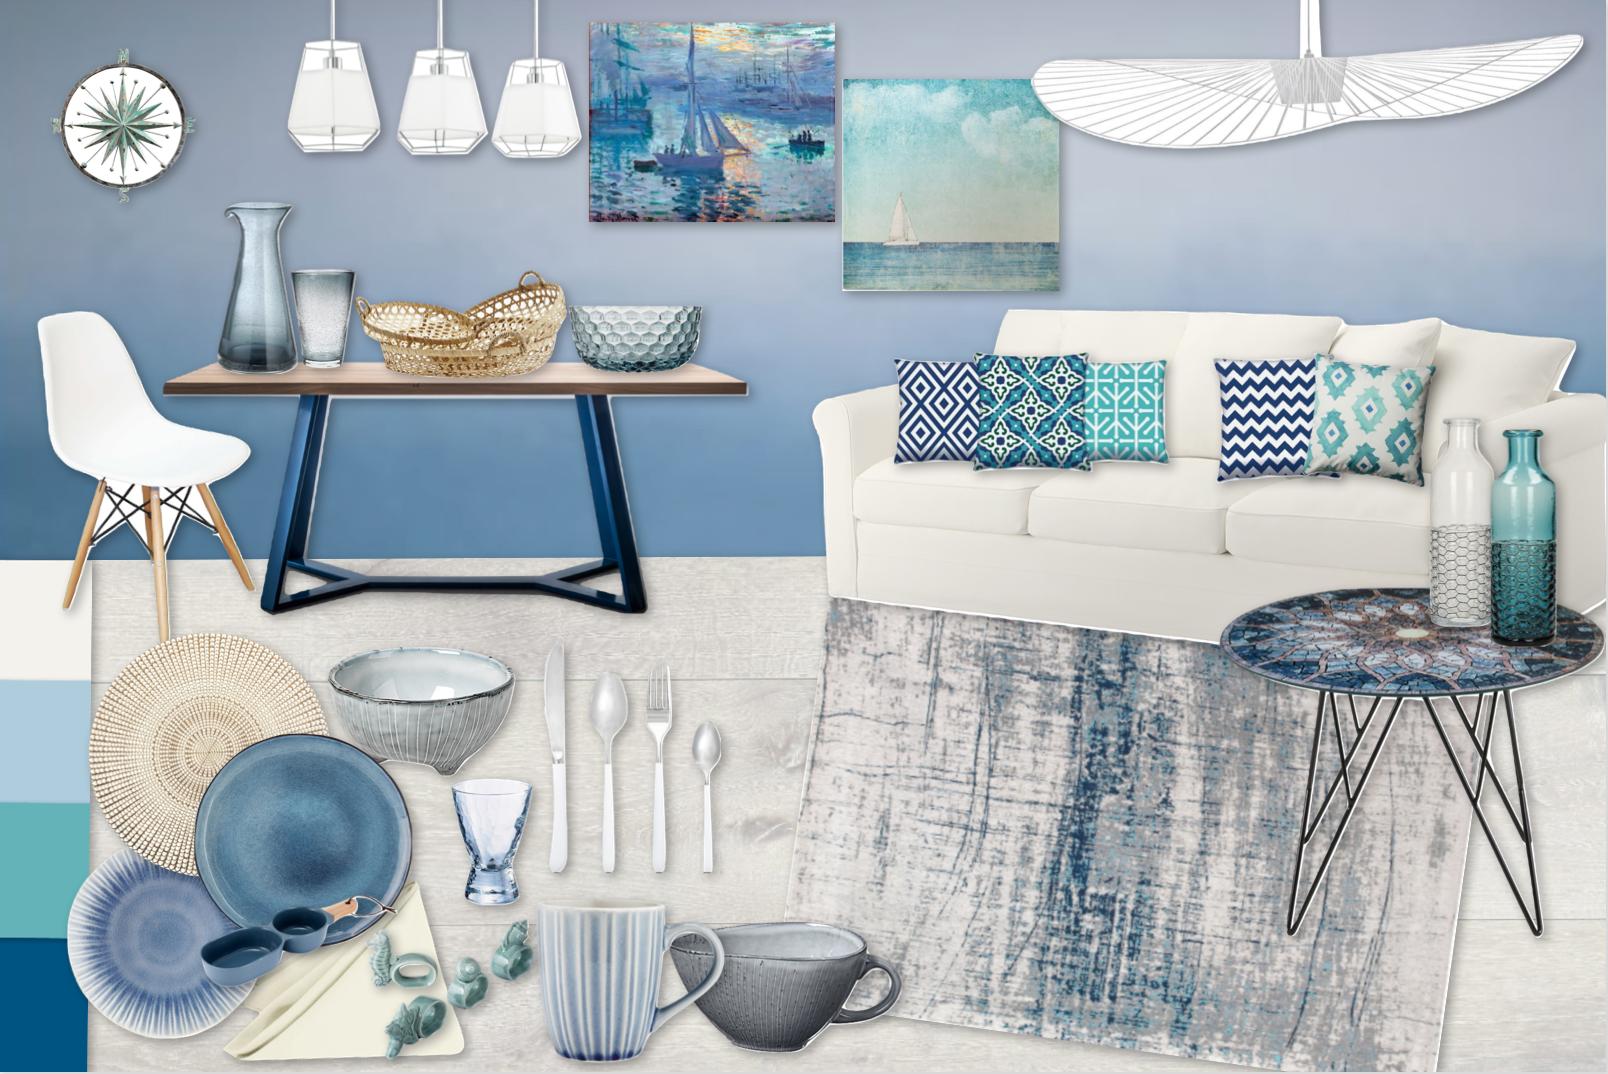 Marynistycznie  Wakacyjna odsłona wnętrza  w marynarskiej nucie. Dodatkowa zastawa  stołowa w odcieniach niebieskiego pozwala się cieszyć latem przez dłuższy czas.